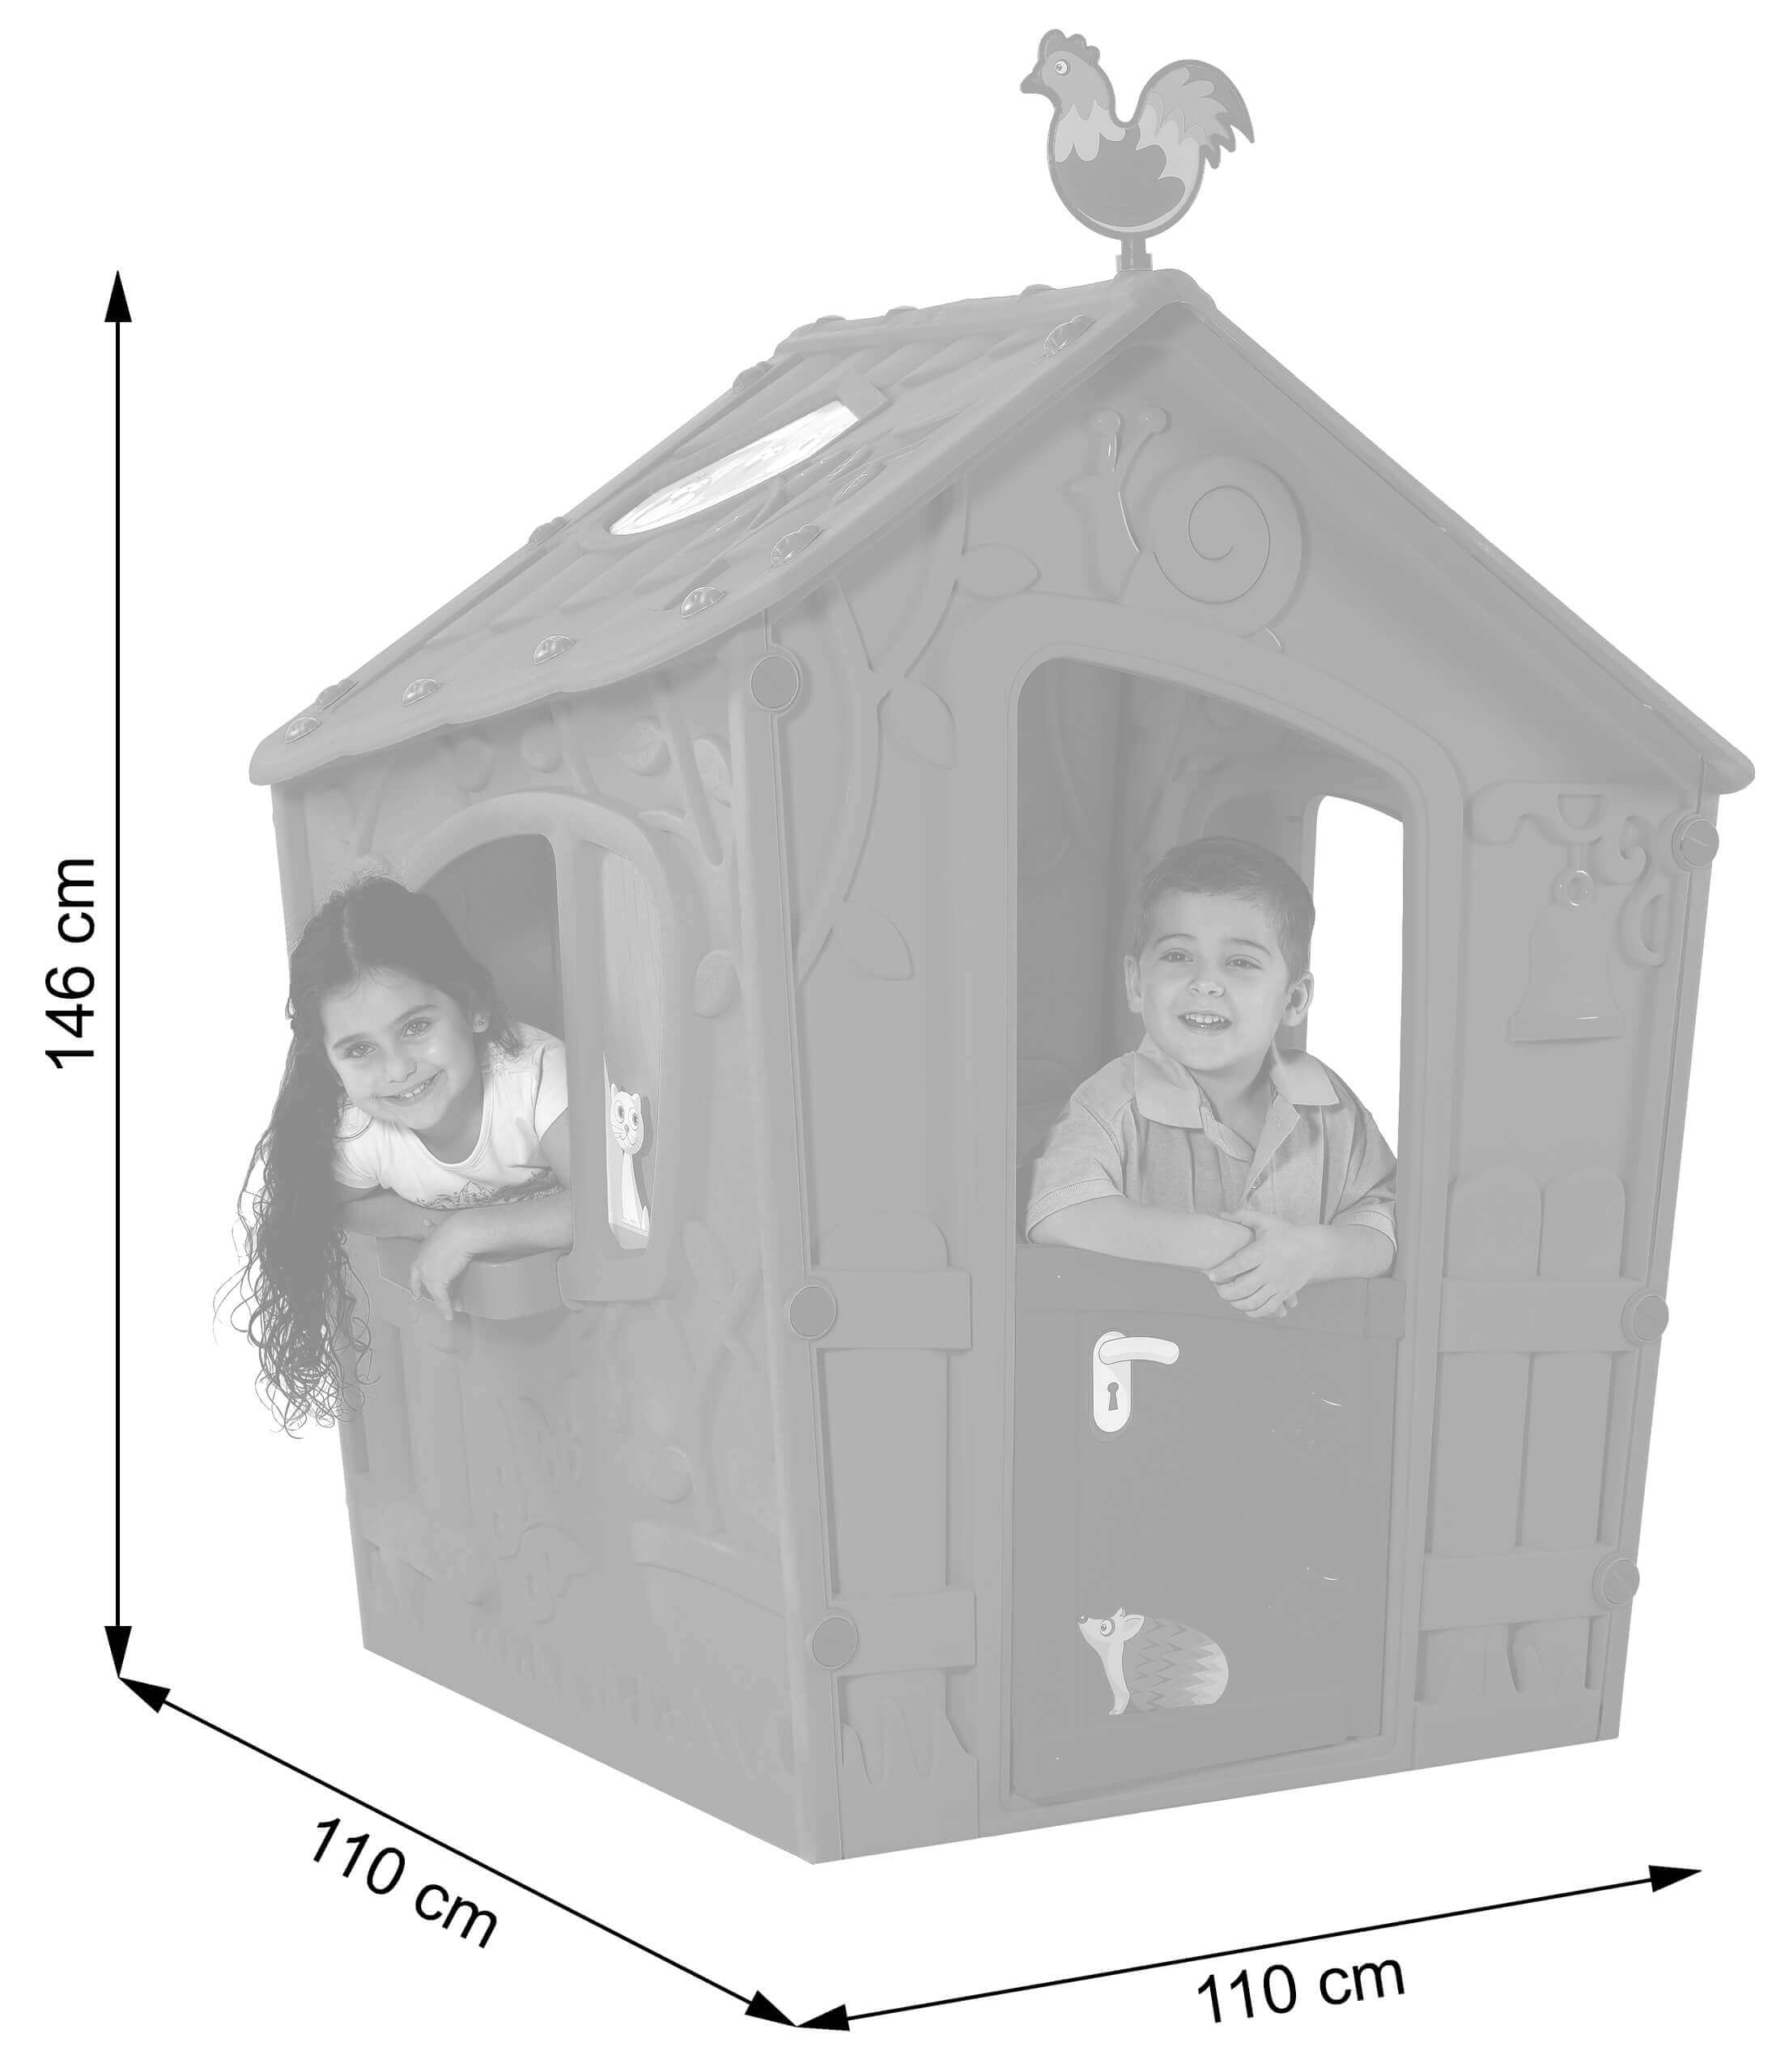 Wymiary domku ogrodowego dla dzieci Magic Playhouse